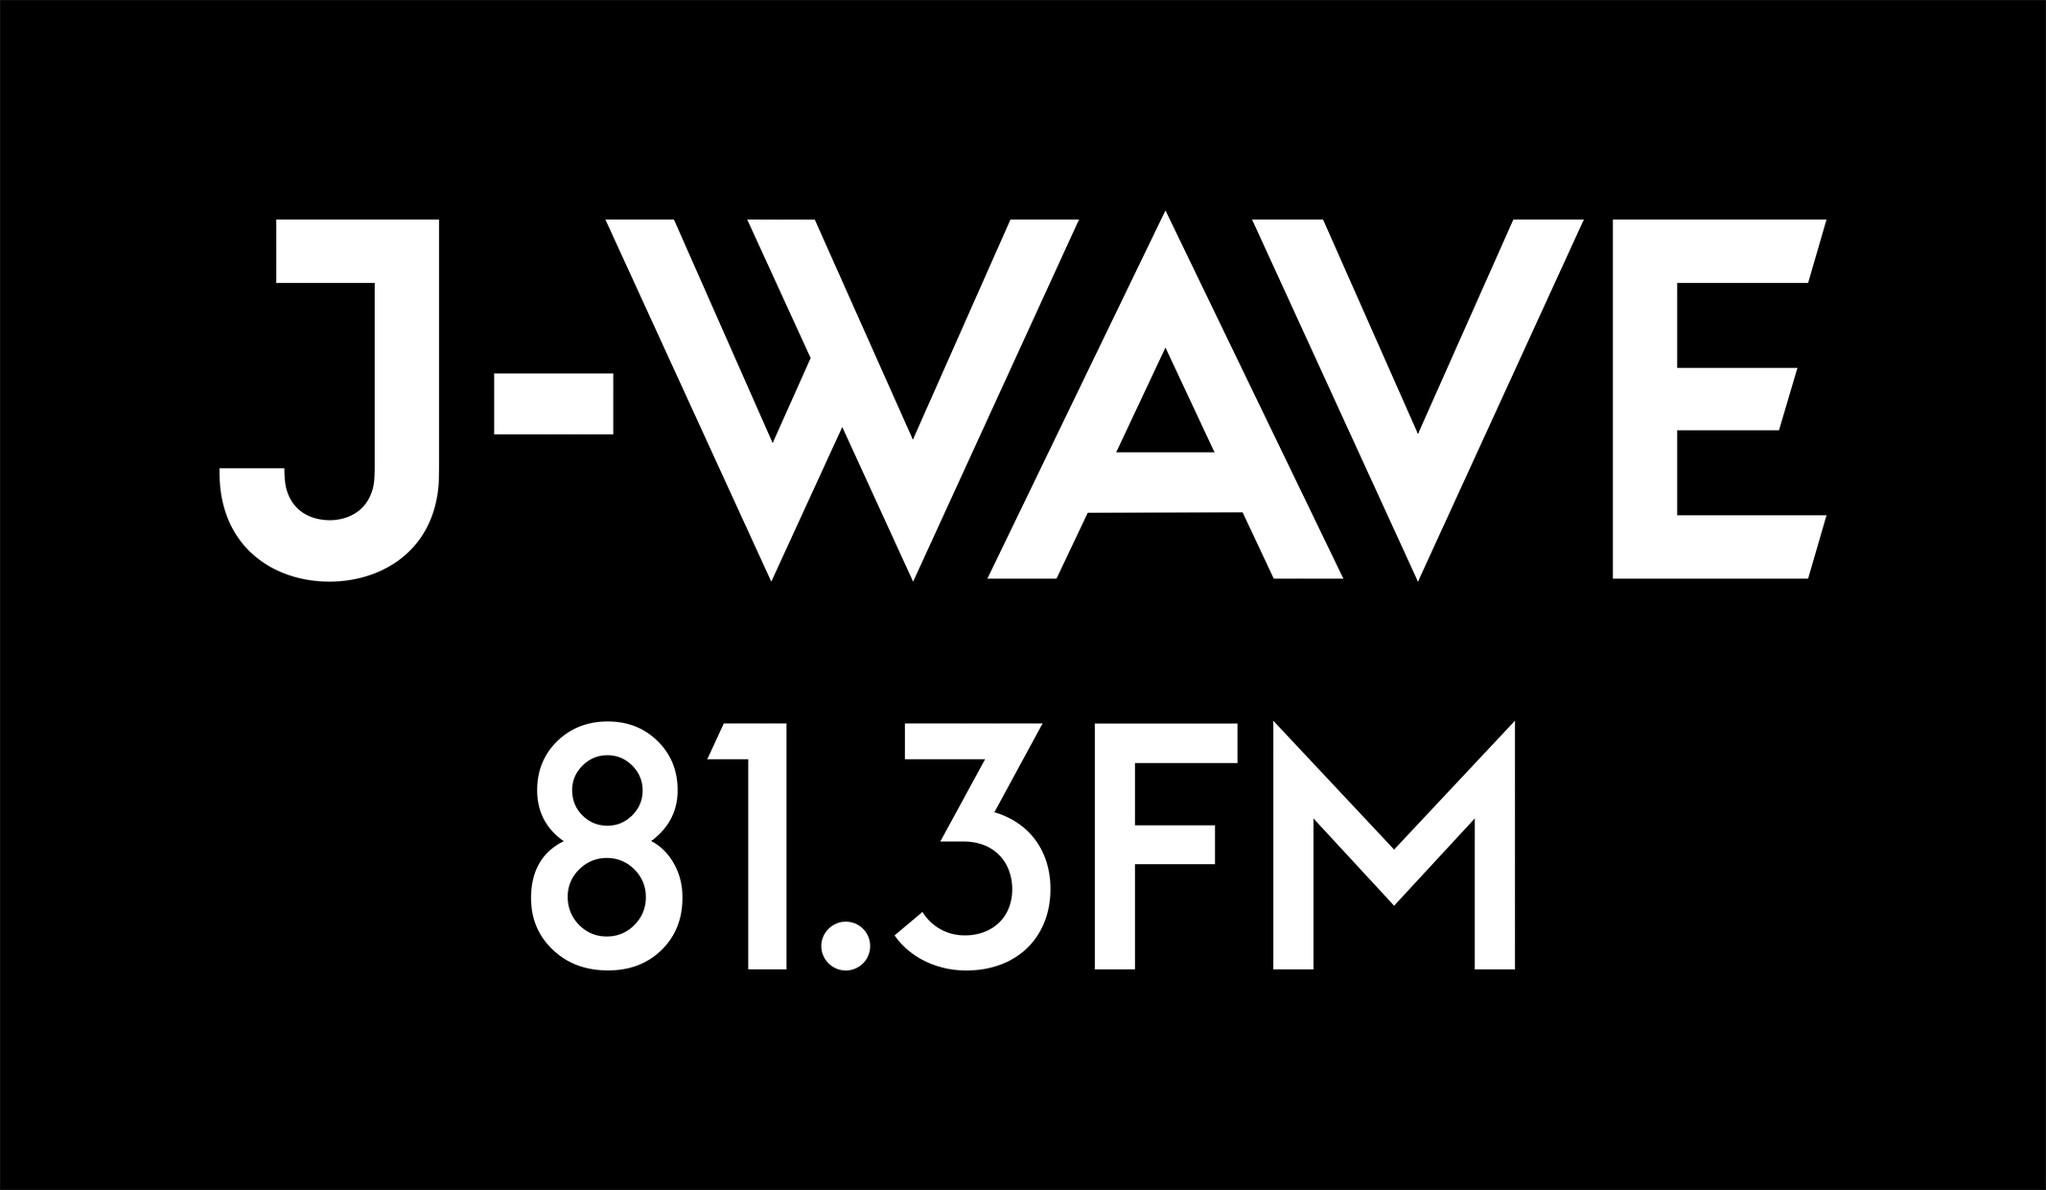 J-WAVE 2021年4月改編のお知らせ|J-WAVE(81.3FM)のプレスリリース